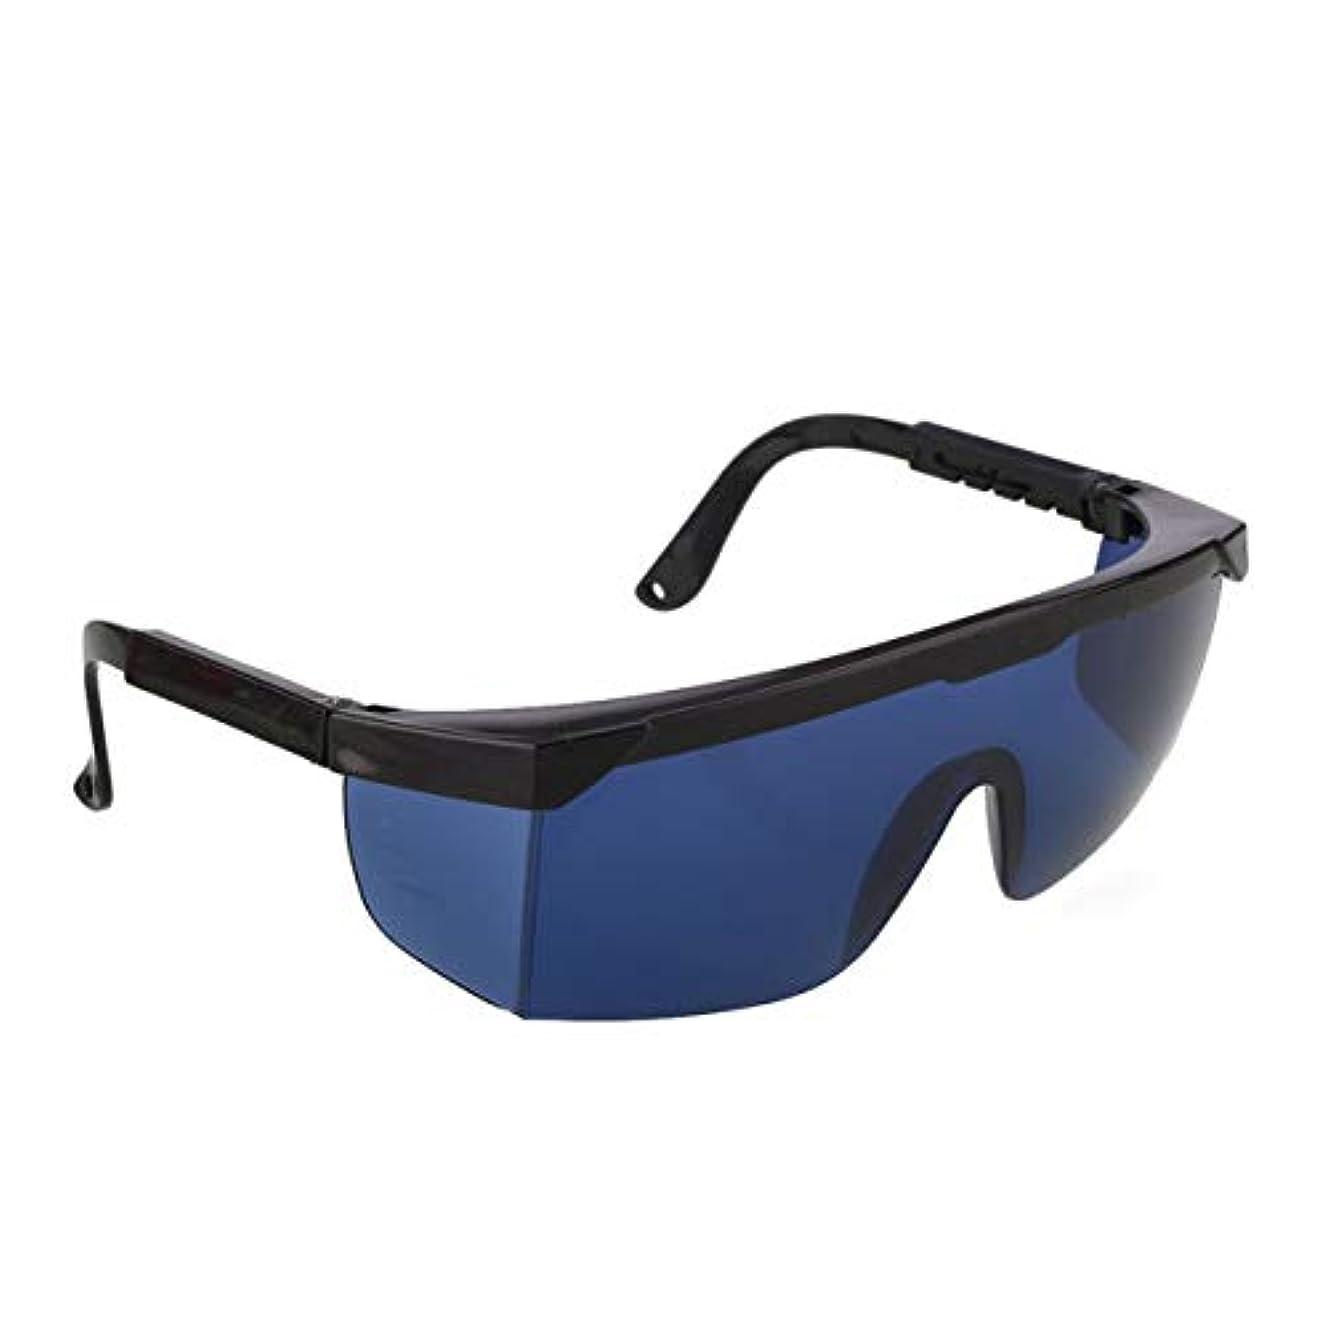 満州望遠鏡六分儀Saikogoods 除毛クリーム ポイント脱毛保護メガネユニバーサルゴーグル眼鏡を凍結IPL/E-光OPTのためのレーザー保護メガネ 青